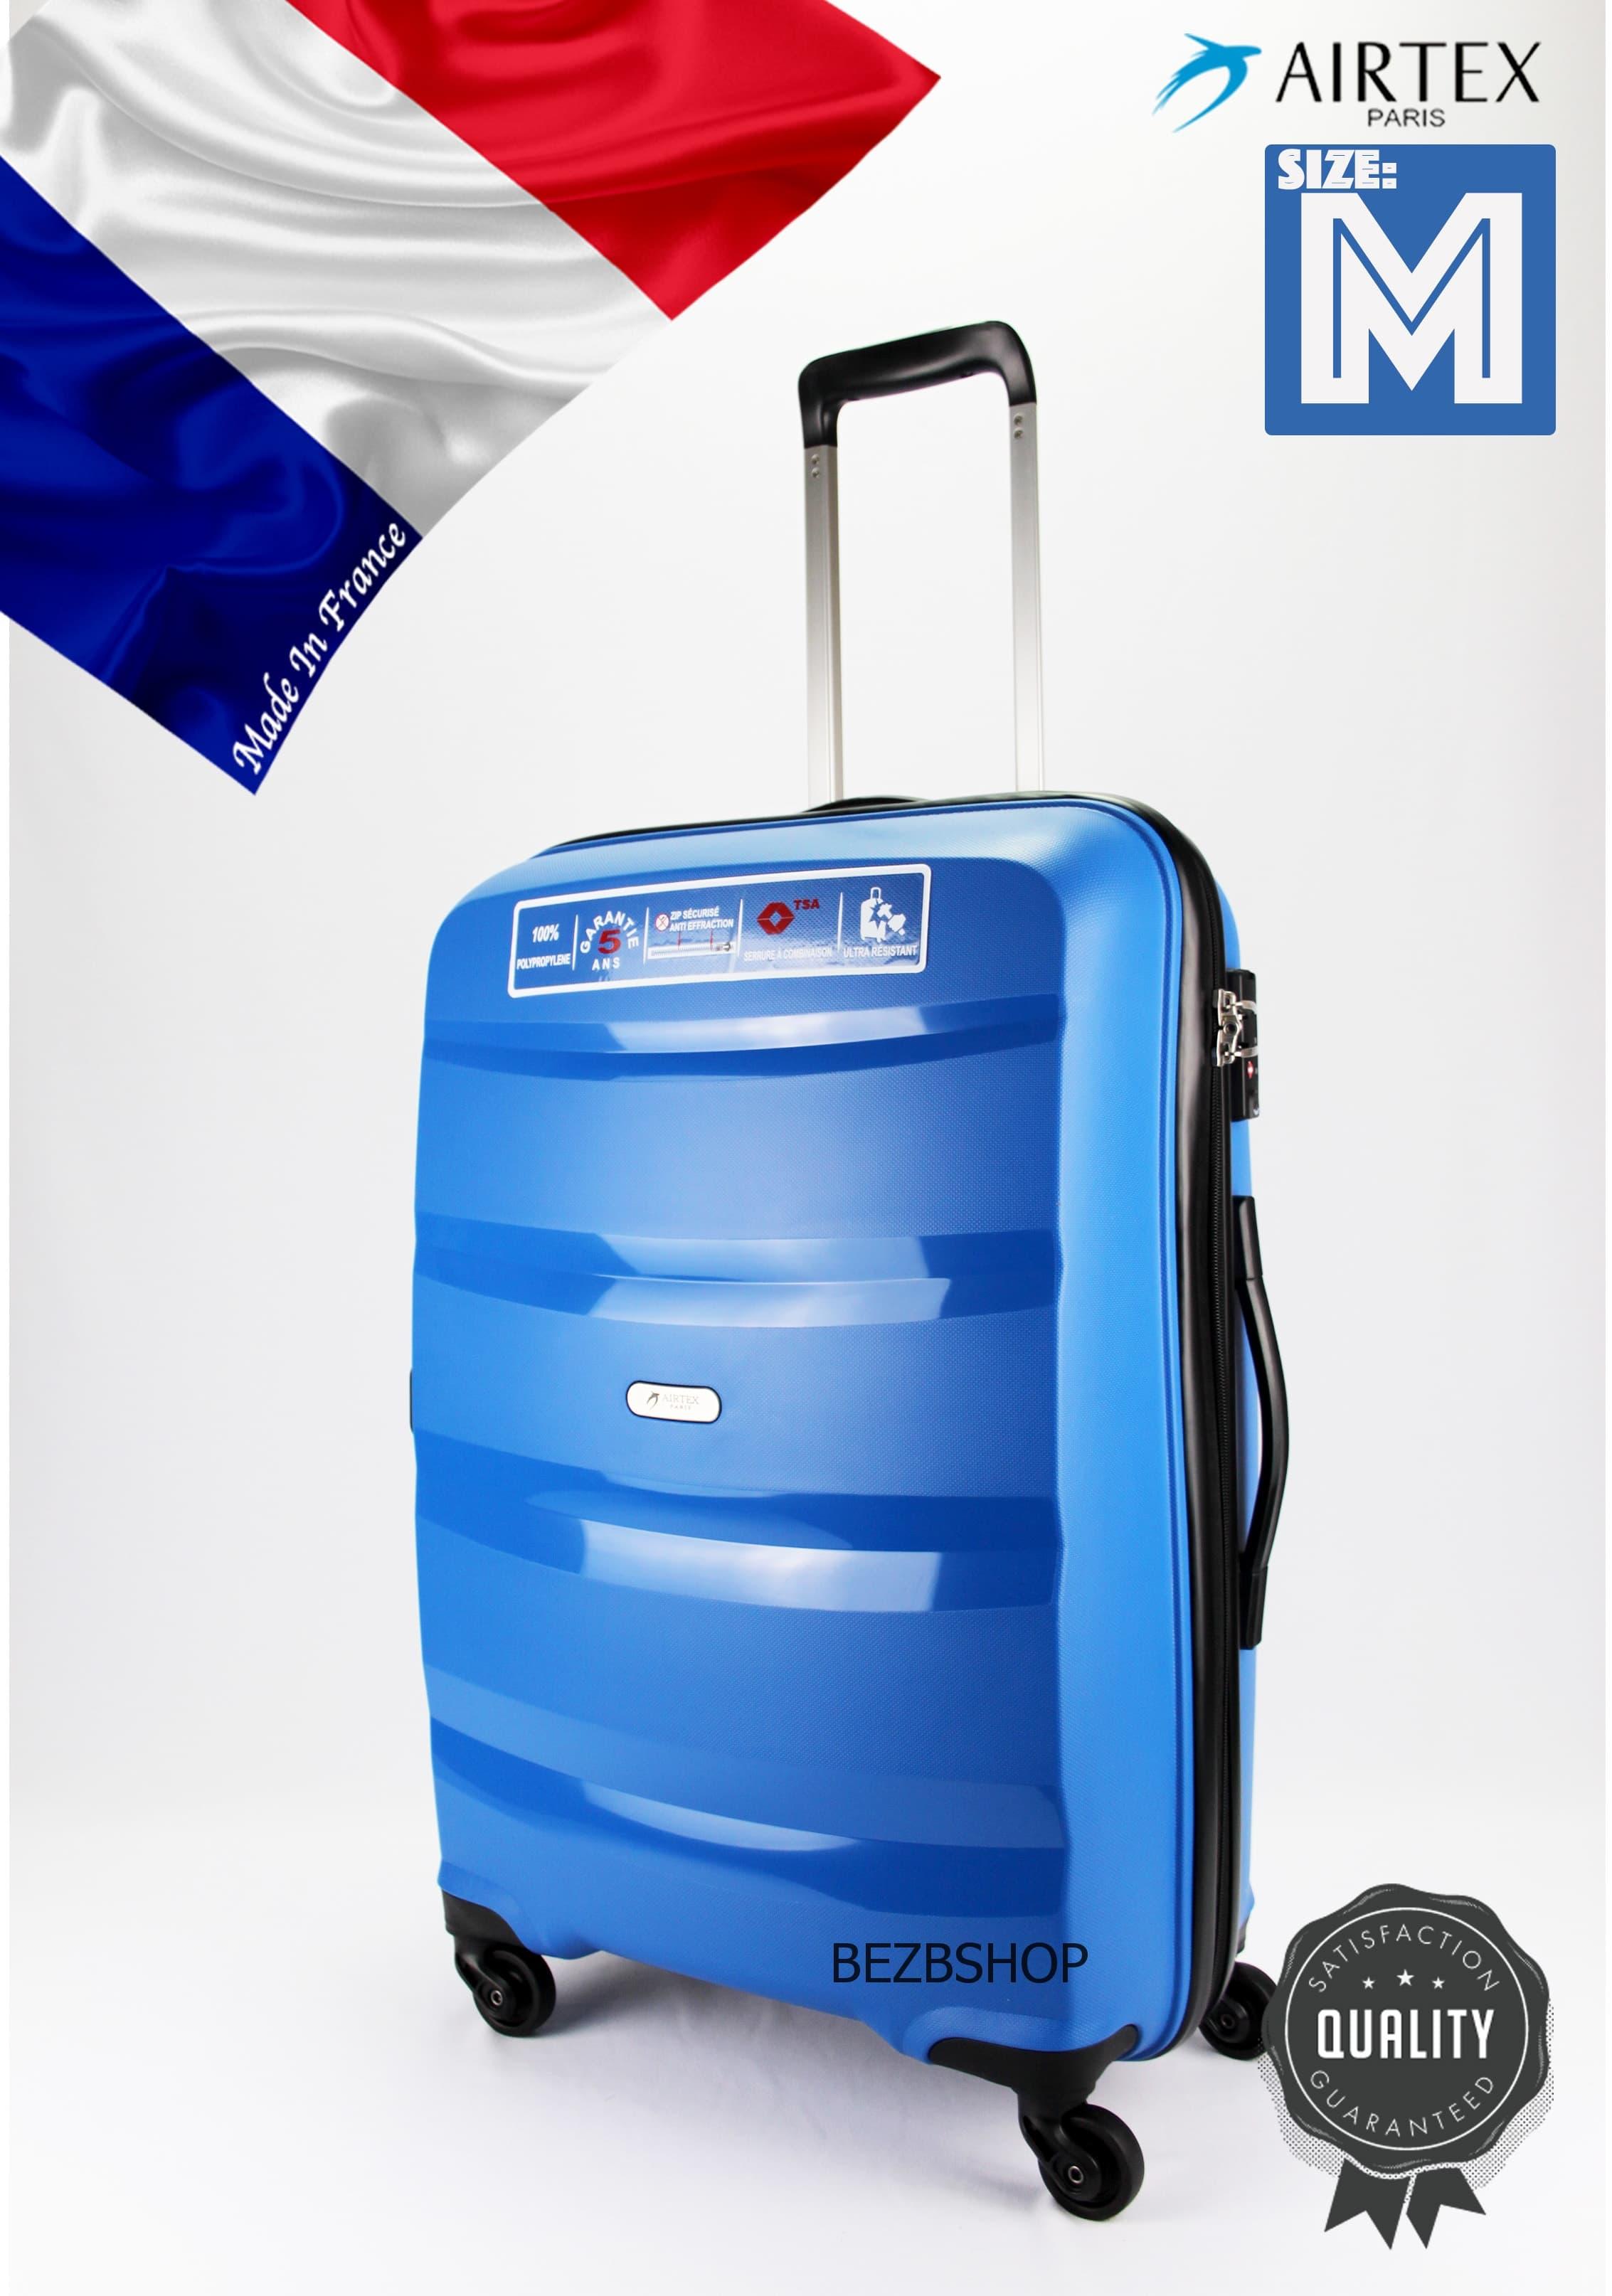 Французский ударостойкий чемодан Средний из полипропилена на 4 колесах Для багажа ,до 18 кг